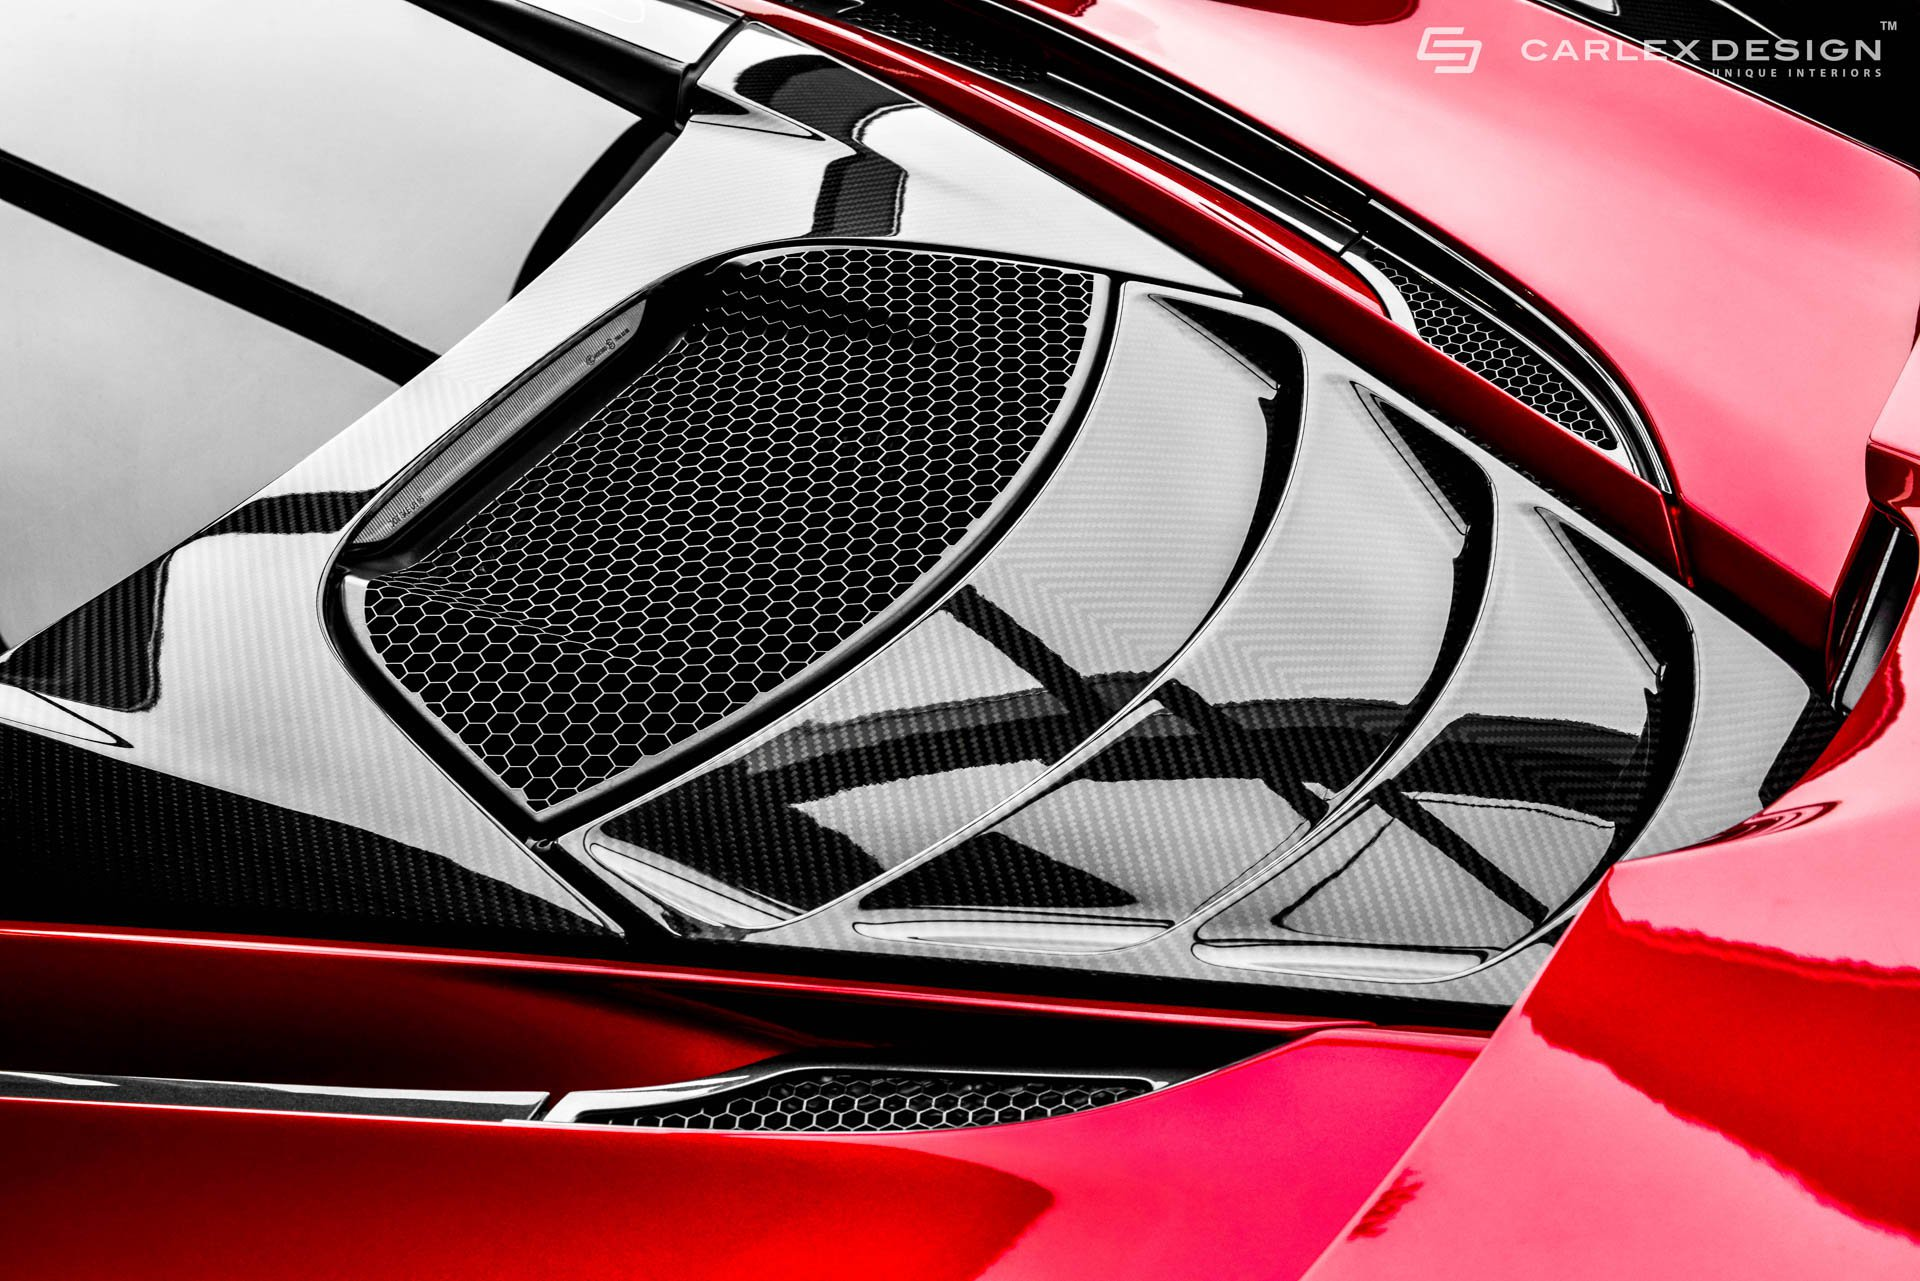 McLaren_720S_Carlex_design_0019